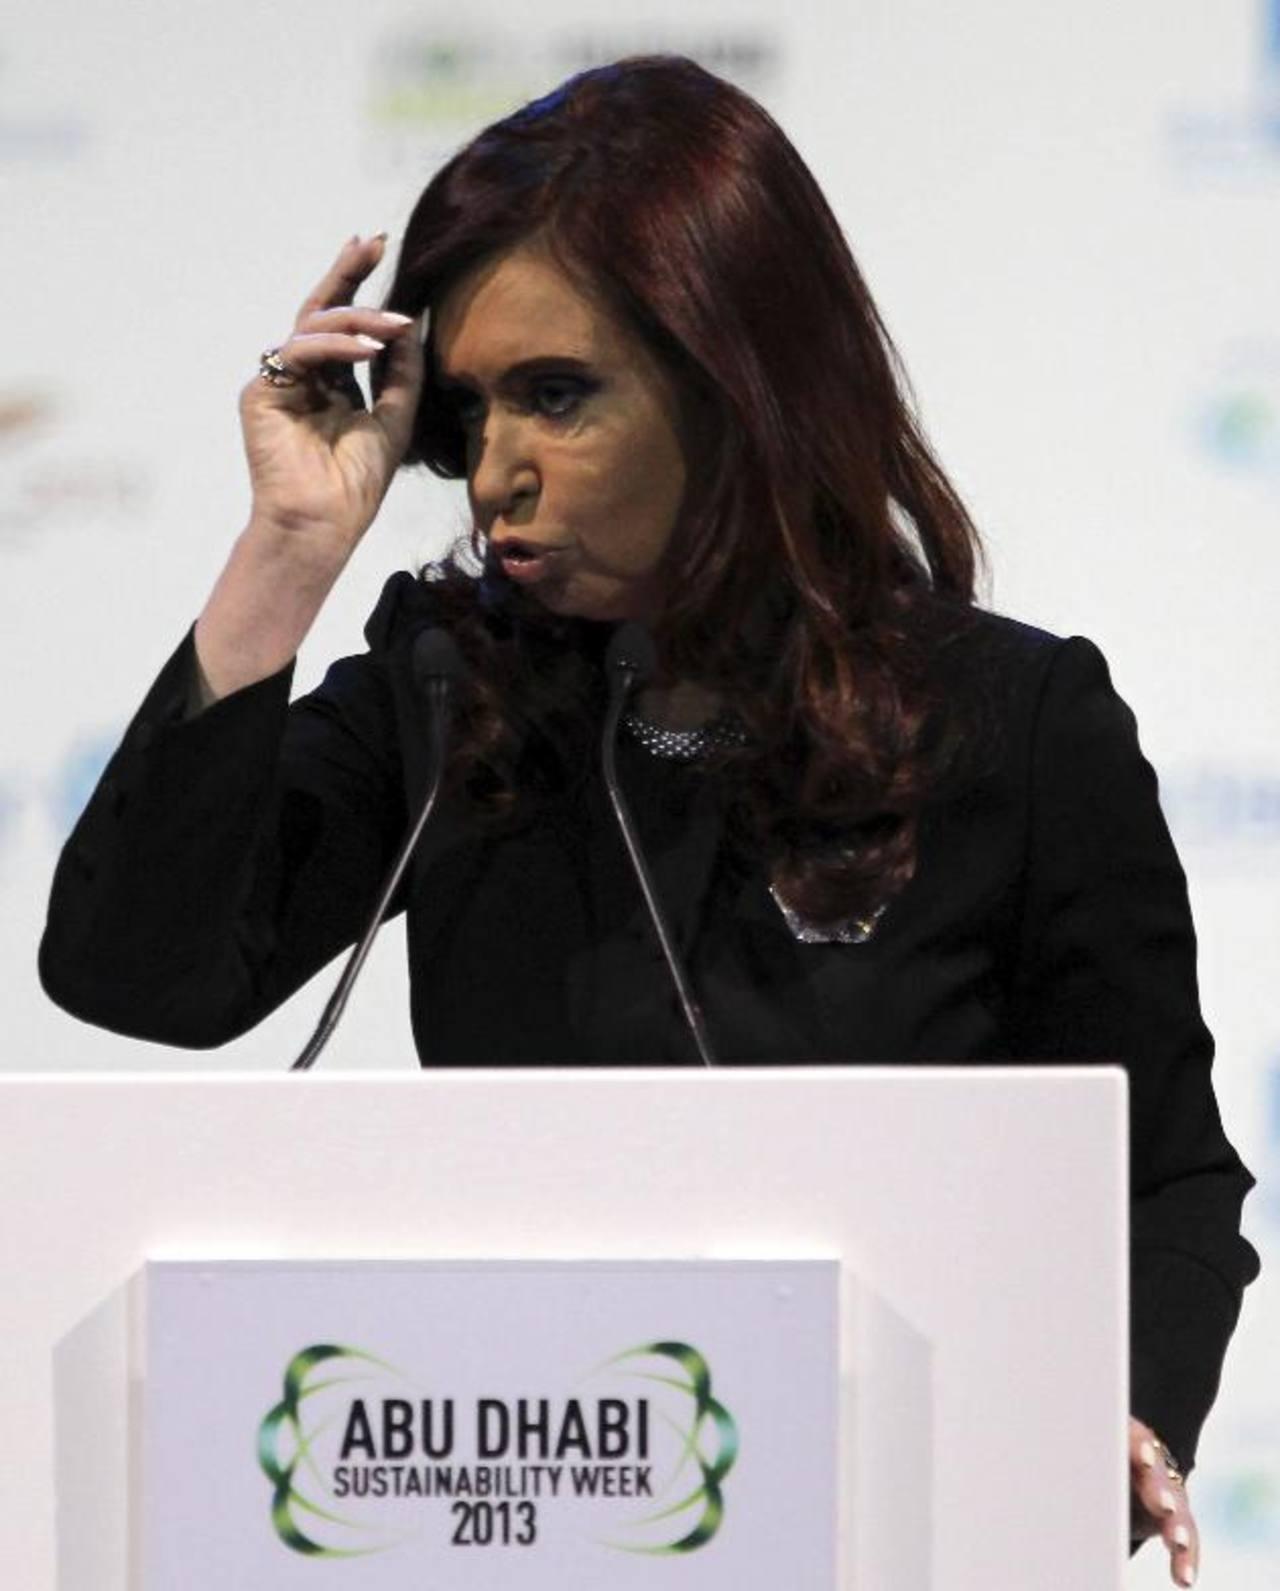 La presidenta Cristina Fernández relevó anoche a los cuatro comandantes de las fuerzas armadas. foto edh / archivo